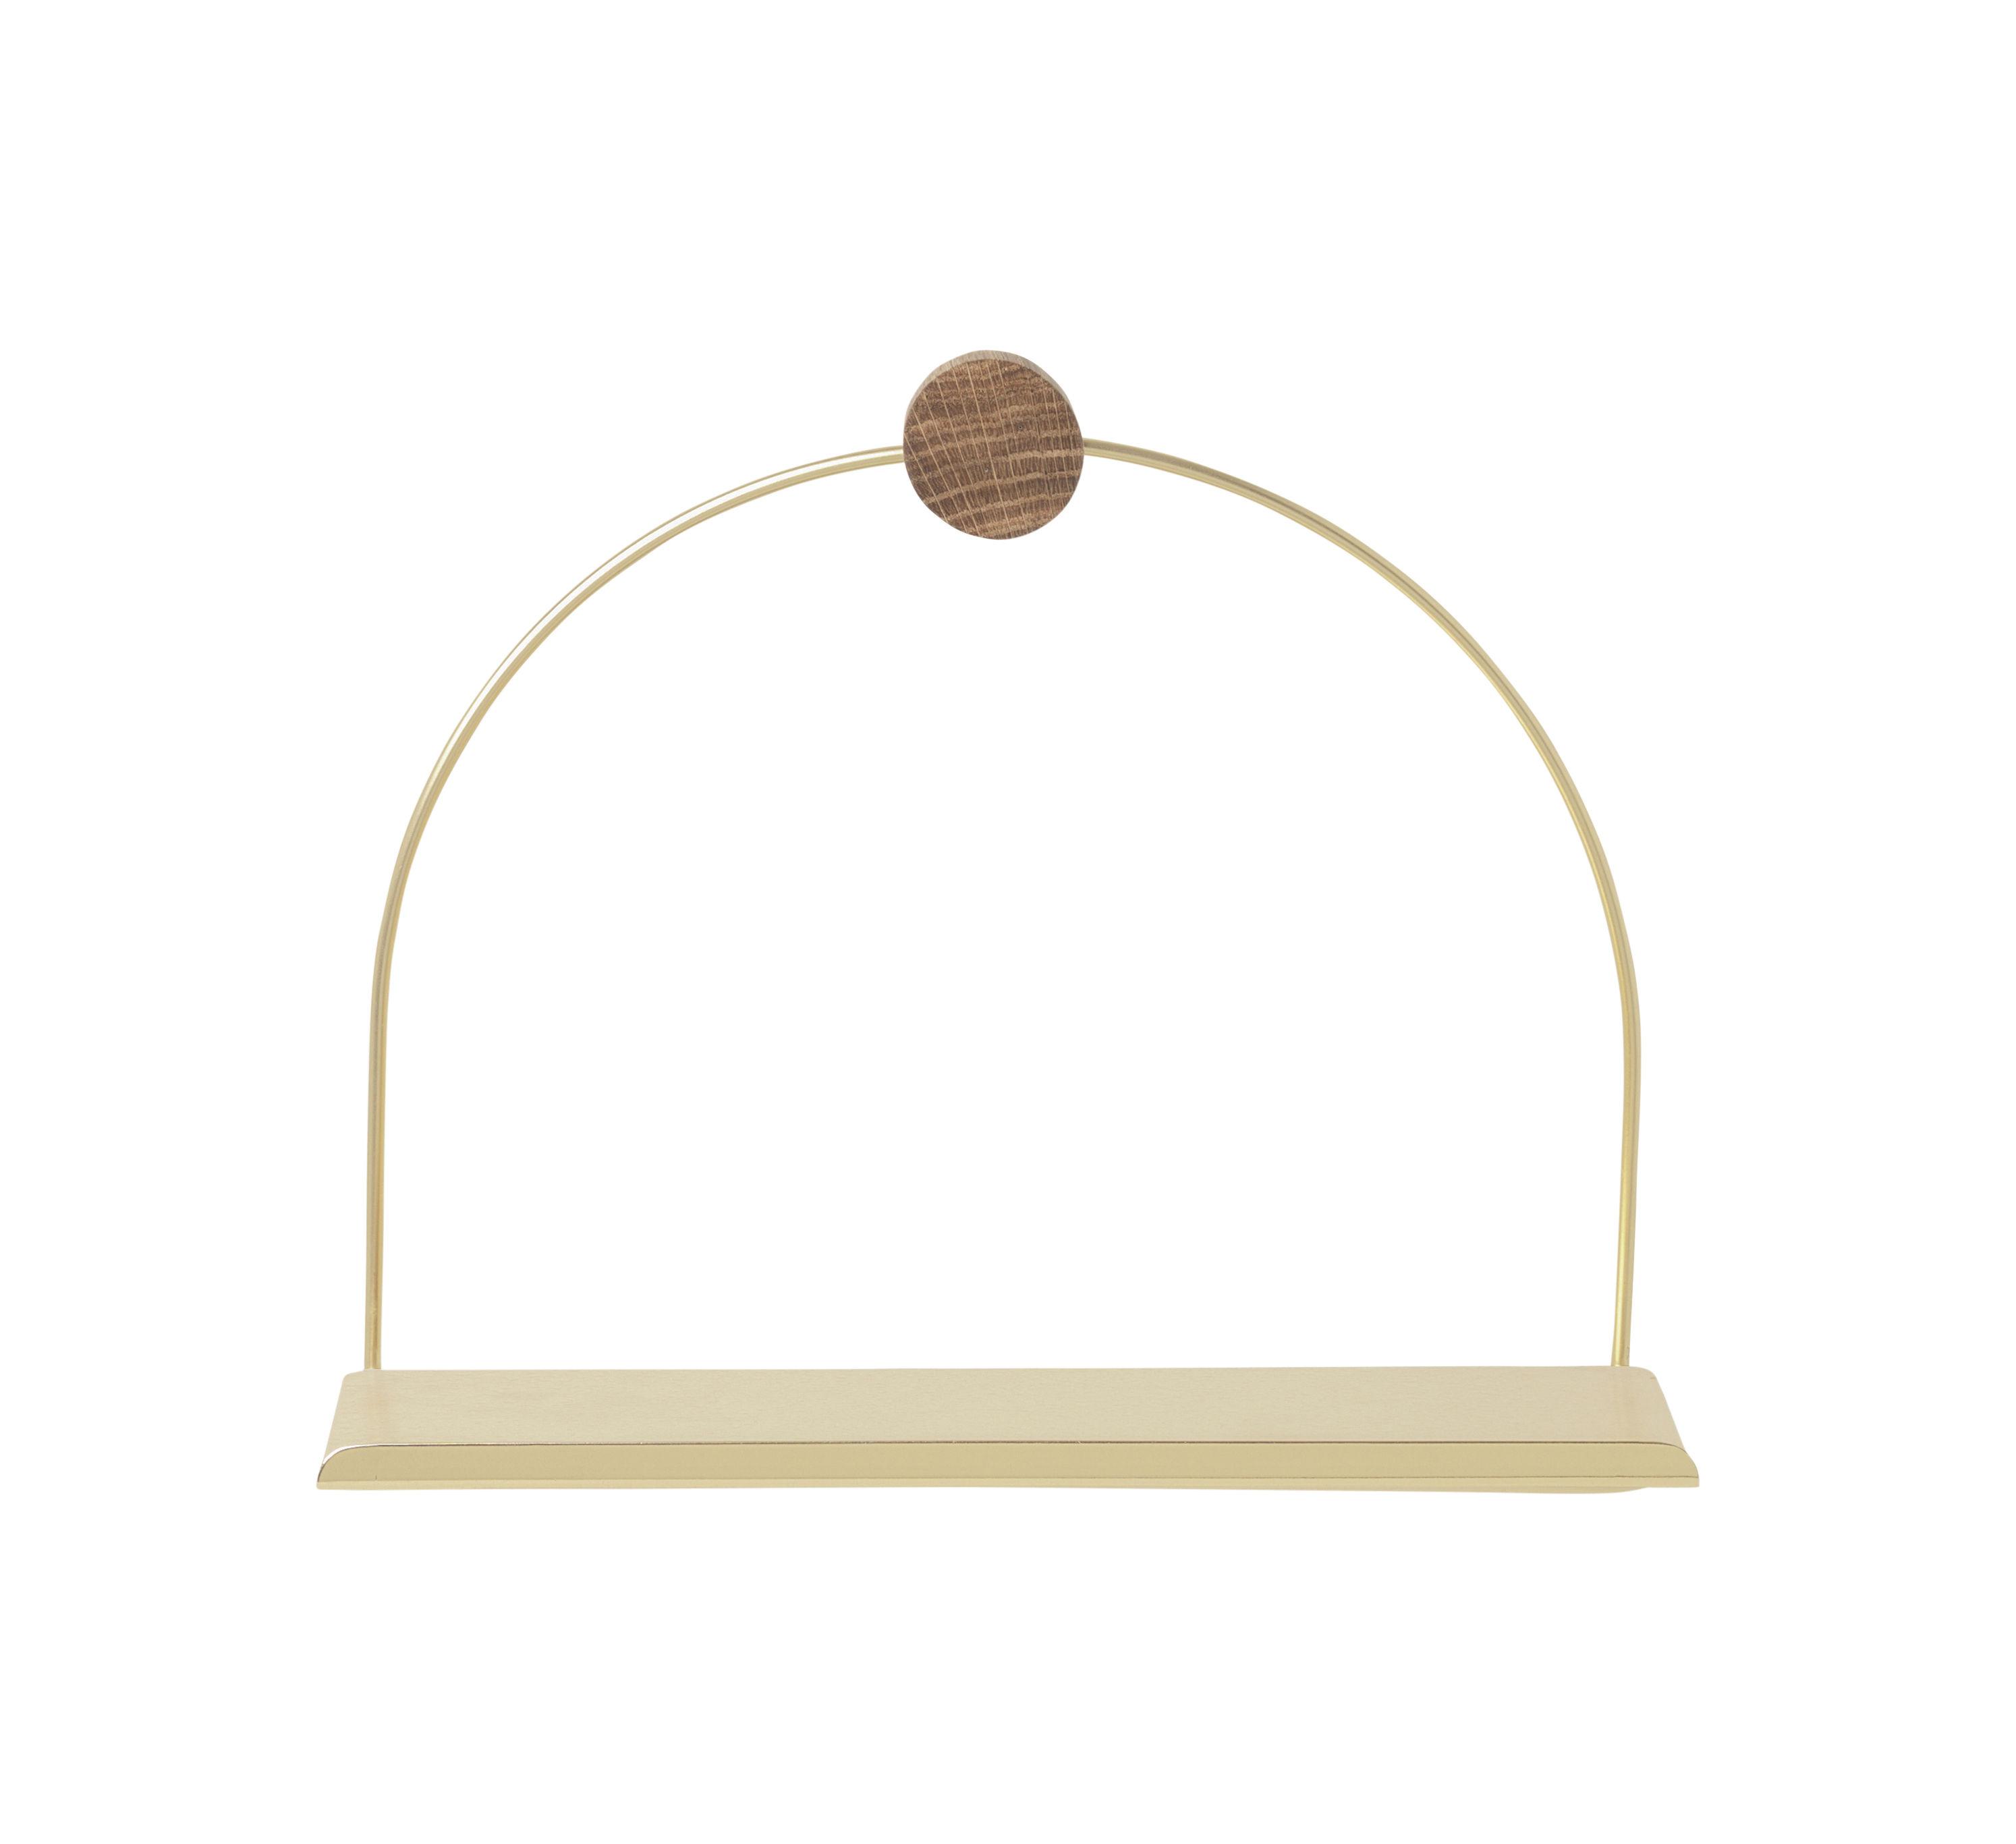 Mobilier - Etagères & bibliothèques - Etagère Brass / L 26 x H 21 cm - Ferm Living - Laiton / Bois naturel - Chêne, Laiton